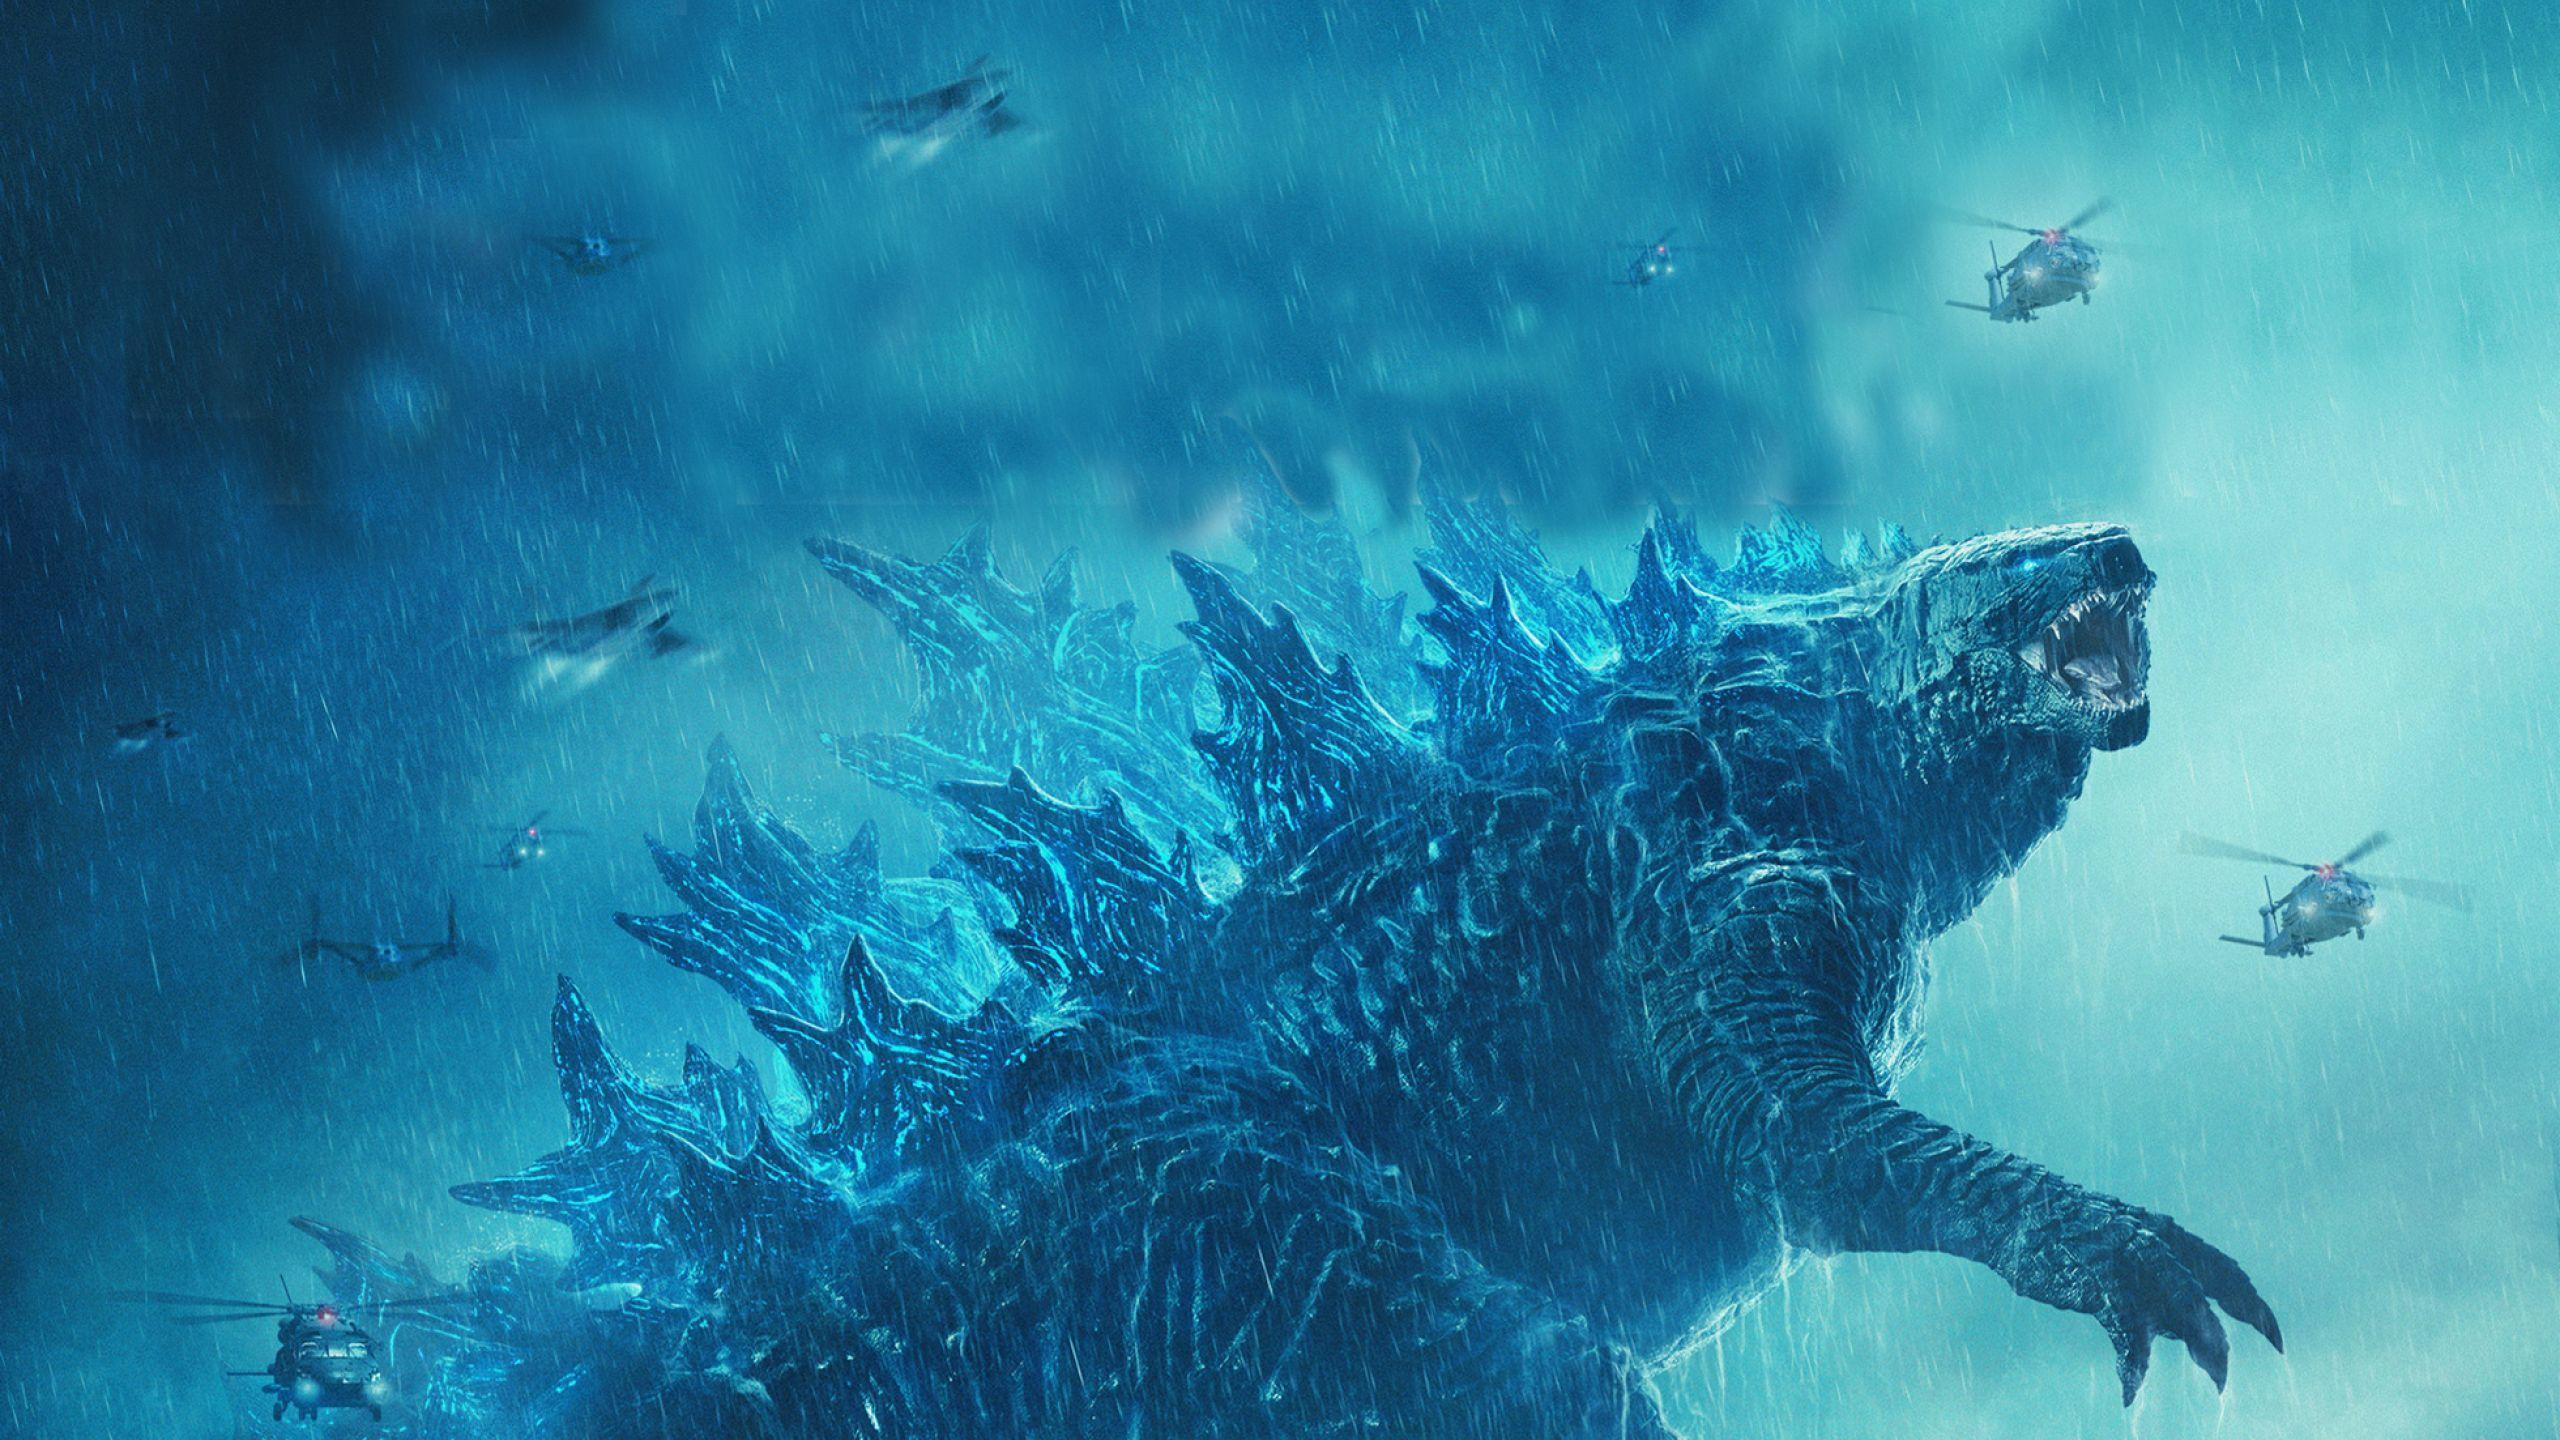 28 Godzilla PC Wallpapers   Top Free Godzilla PC Backgrounds ...